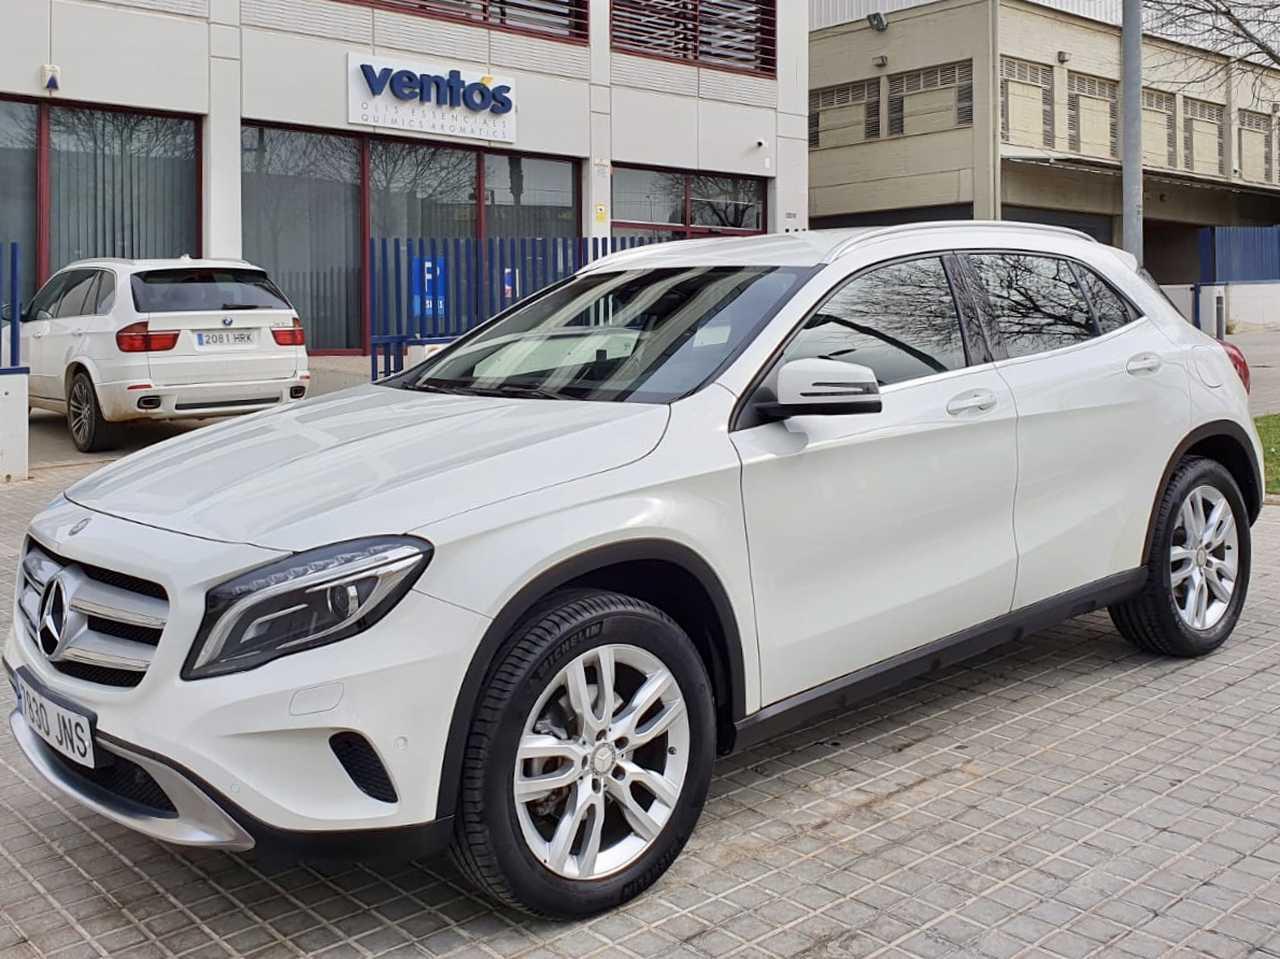 Mercedes GLA 220 CDI AUT 177cv   - Foto 1